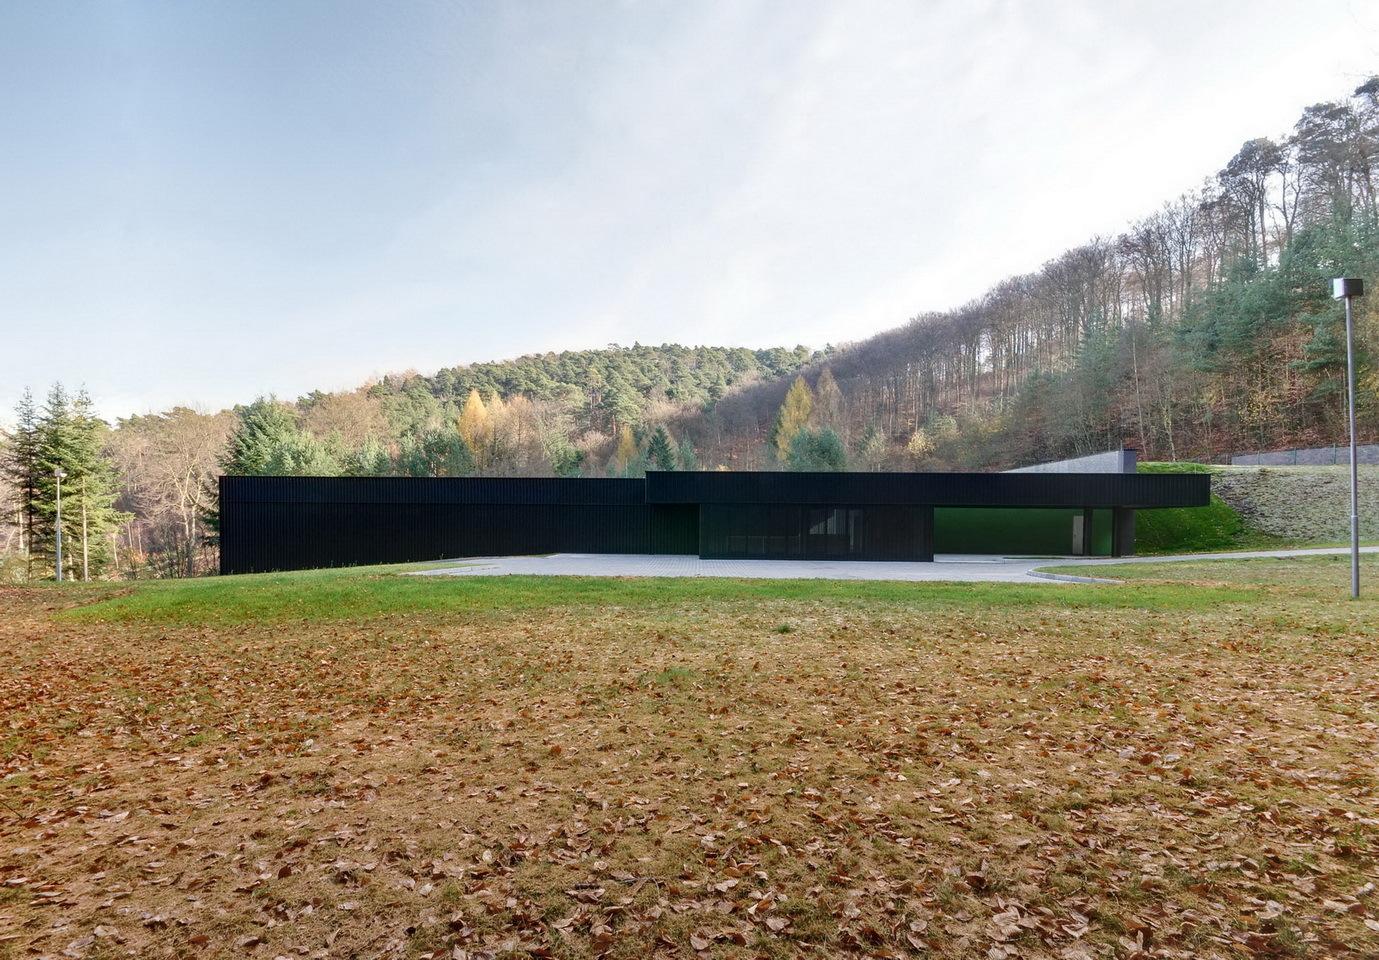 Casa da Água / Molter-Linnemann Architects, © Christian Koehler